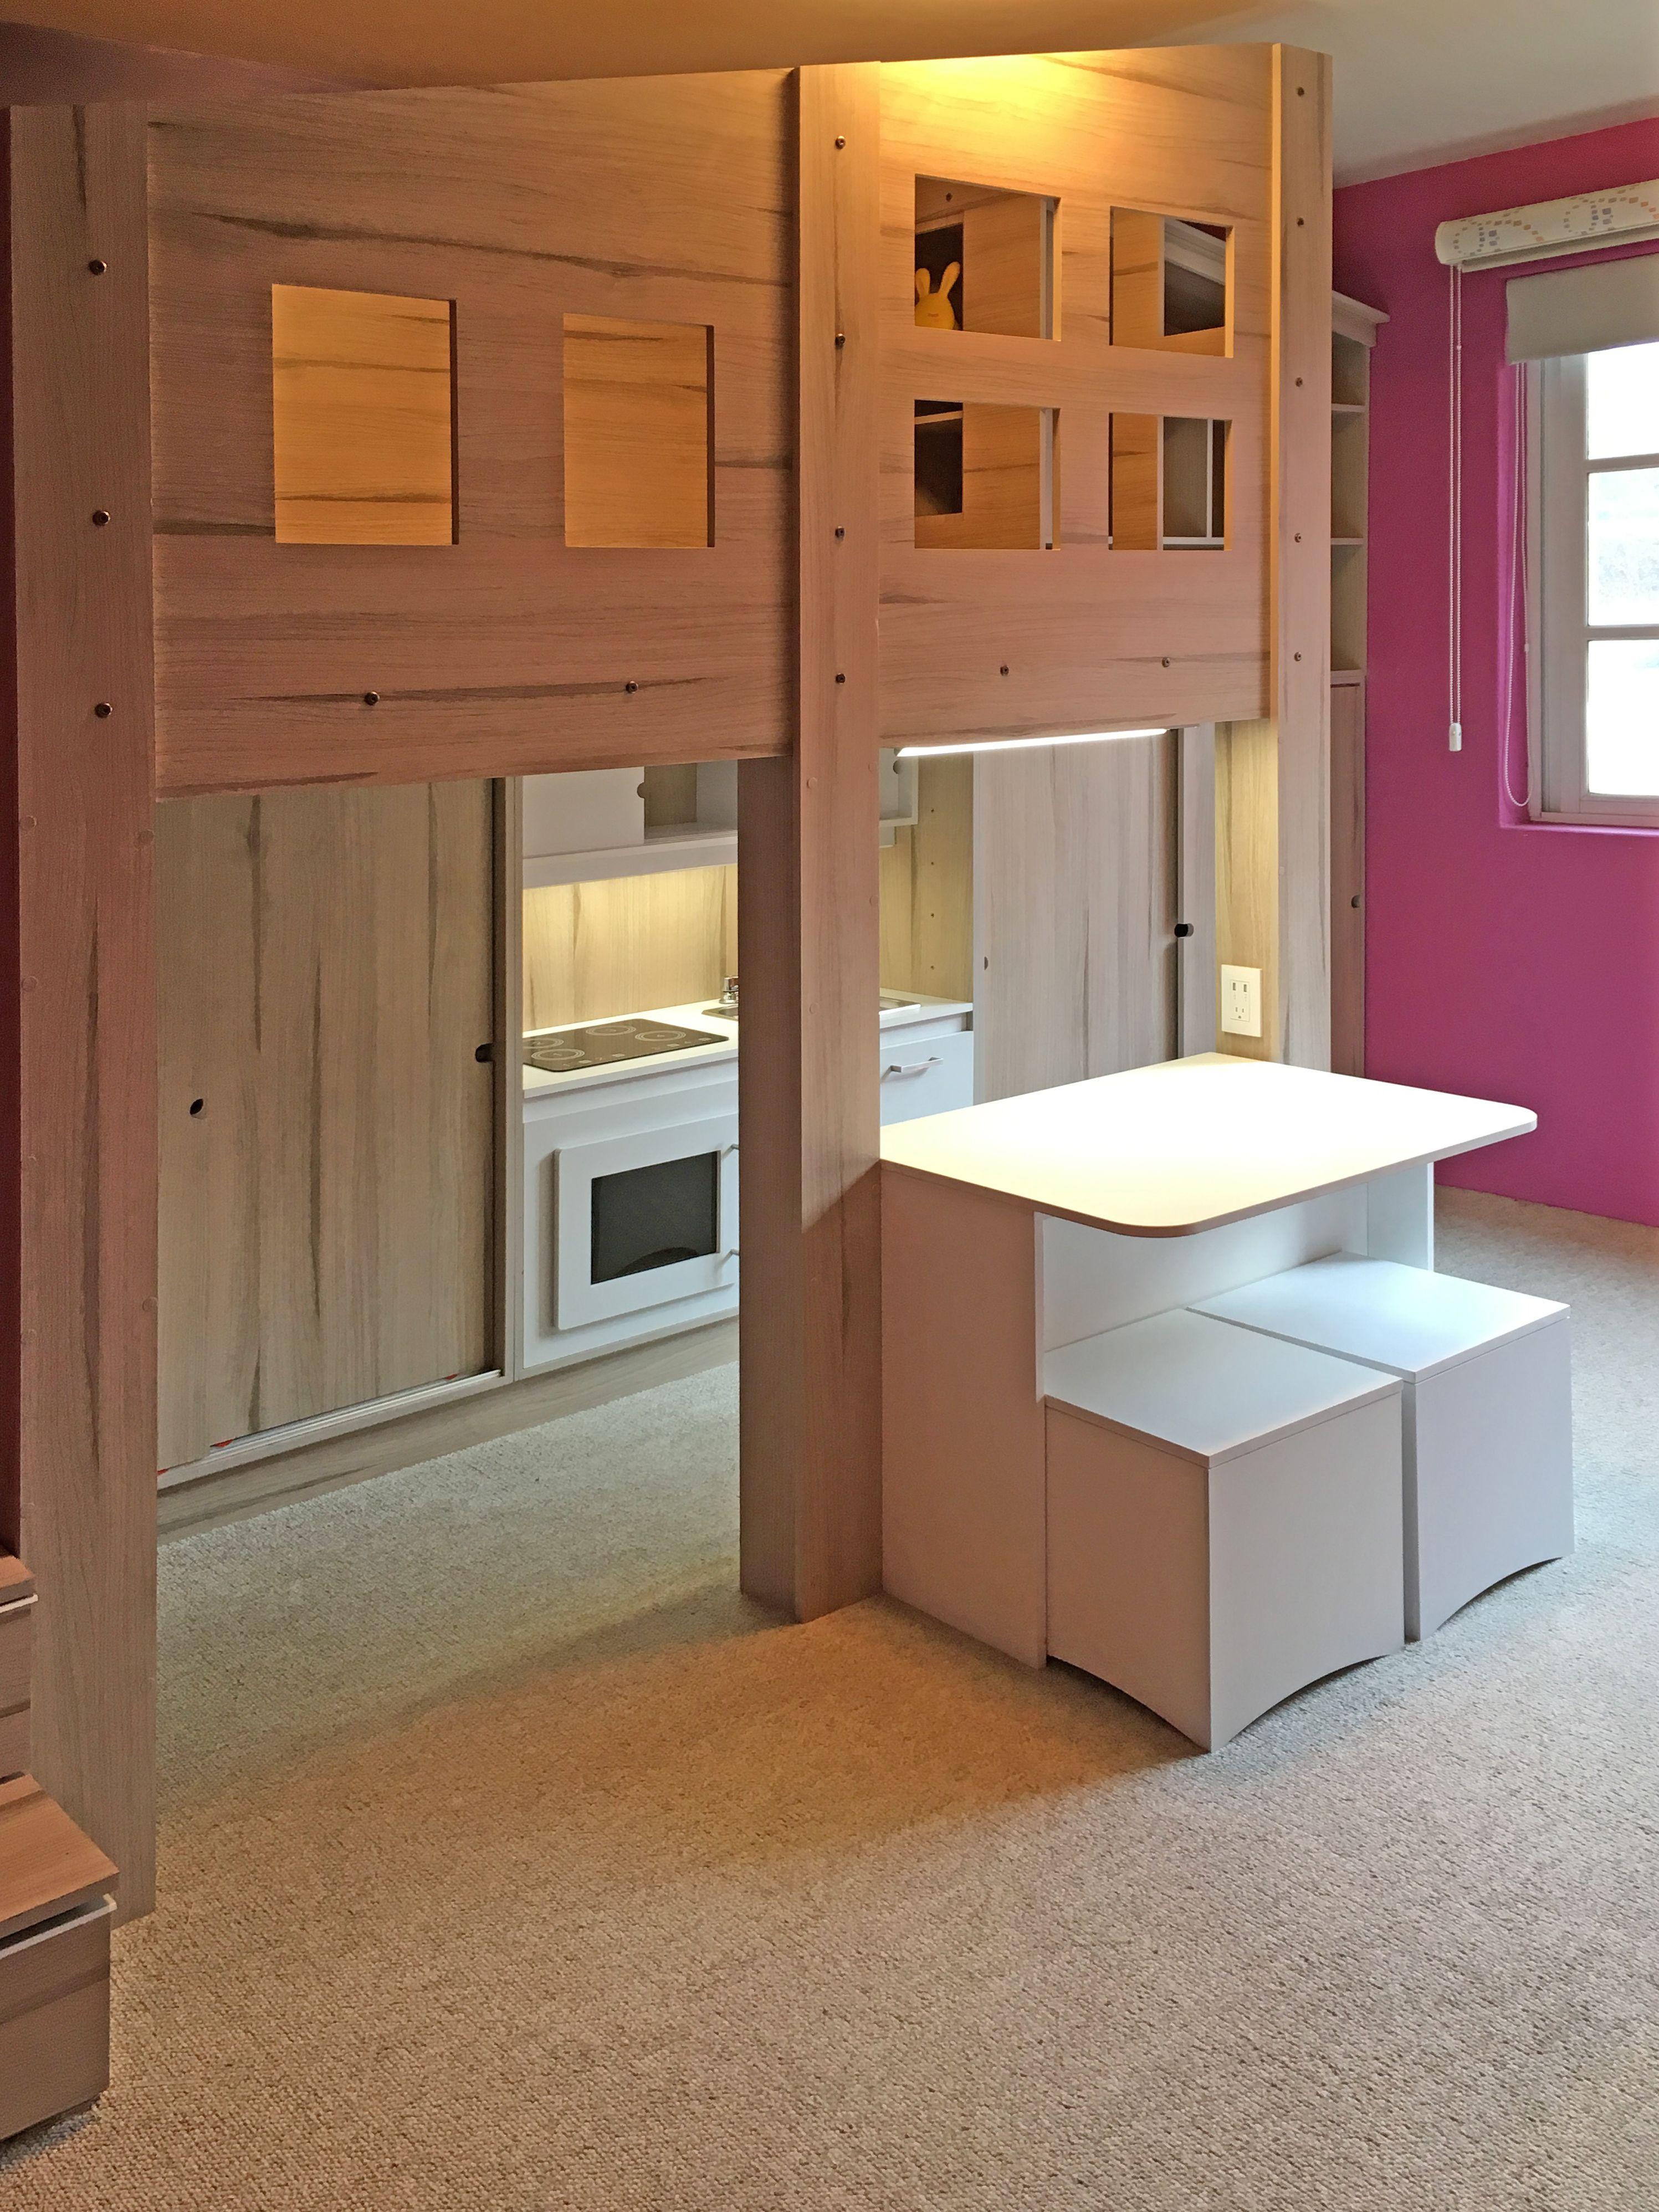 Mesas de dise o para cocinas casa dise o casa dise o for Mesas de cocina de diseno